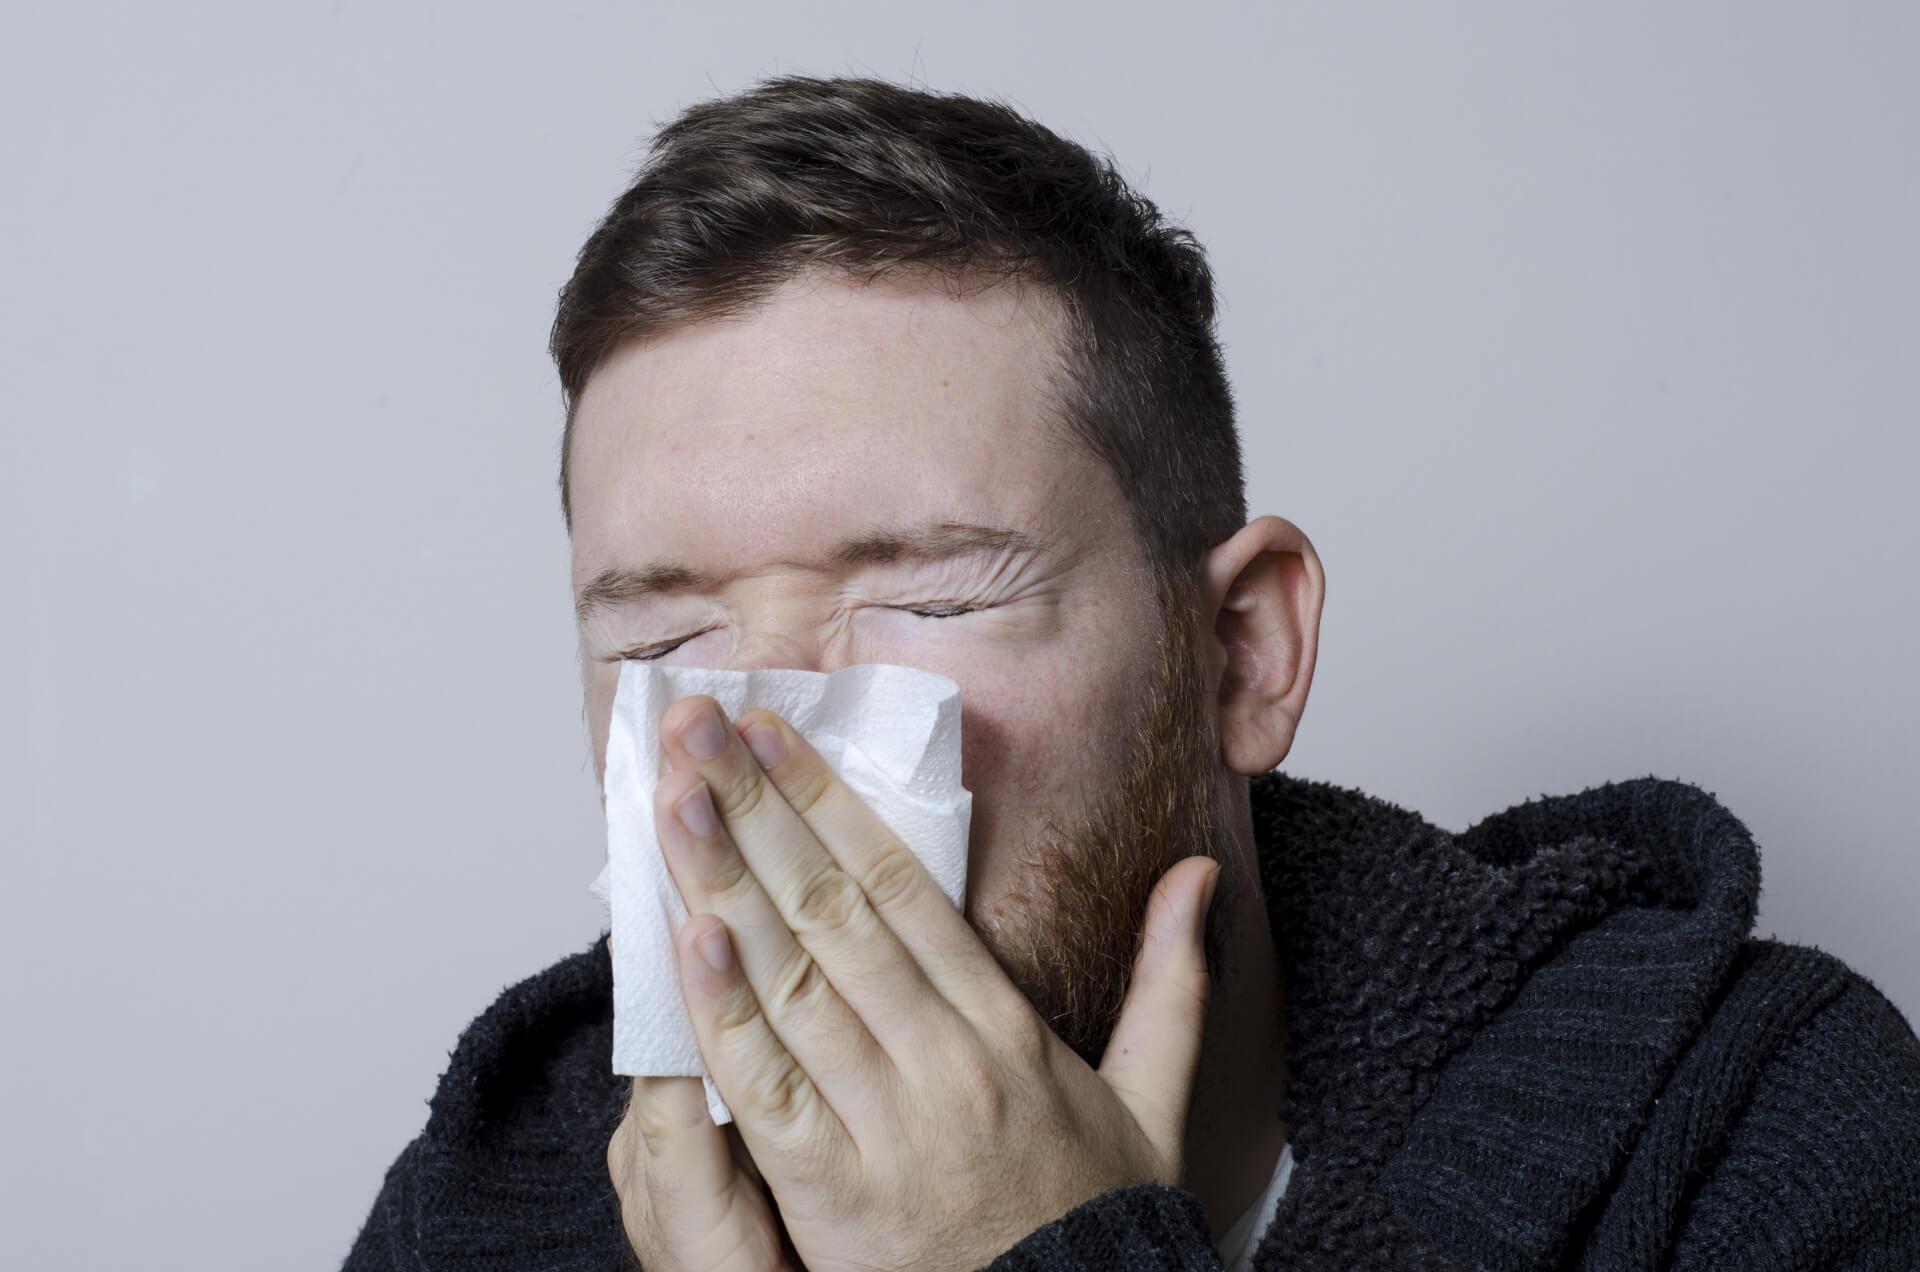 詰まり 風邪 解消 鼻